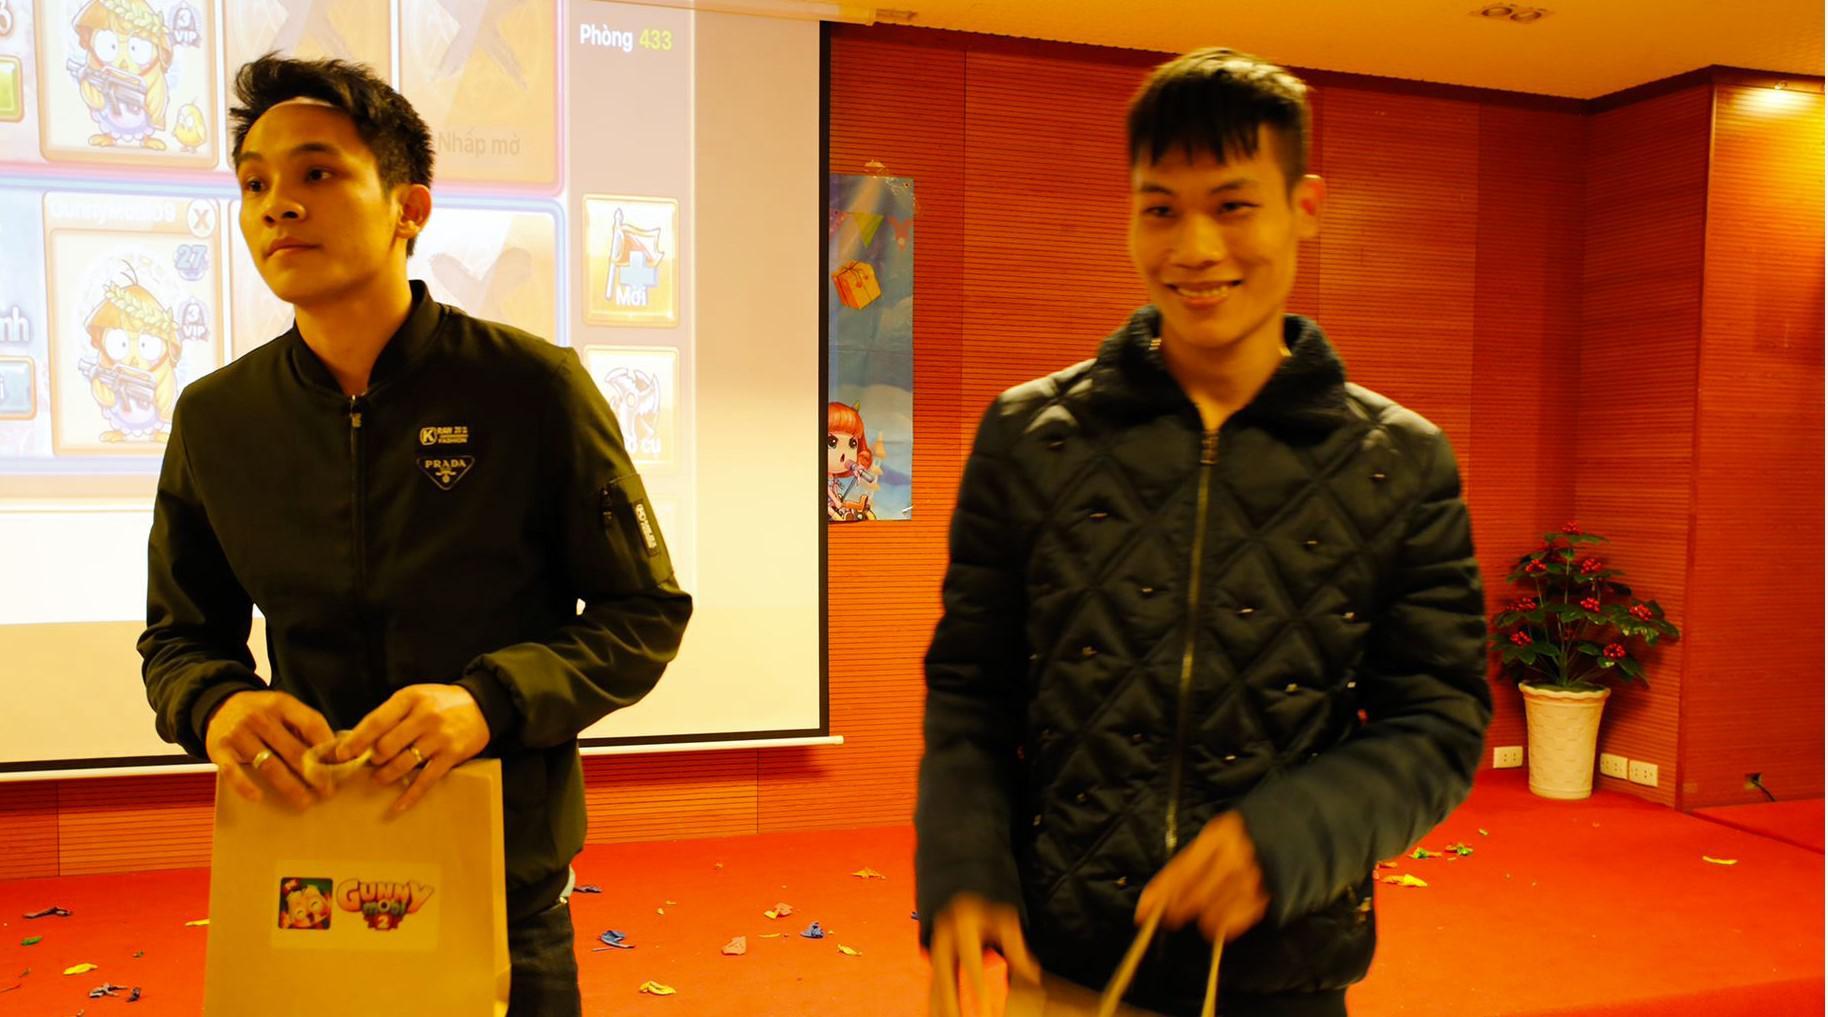 Gunner của Gunny Mobi cùng Hari Won mừng Sinh nhật 3 tuổi